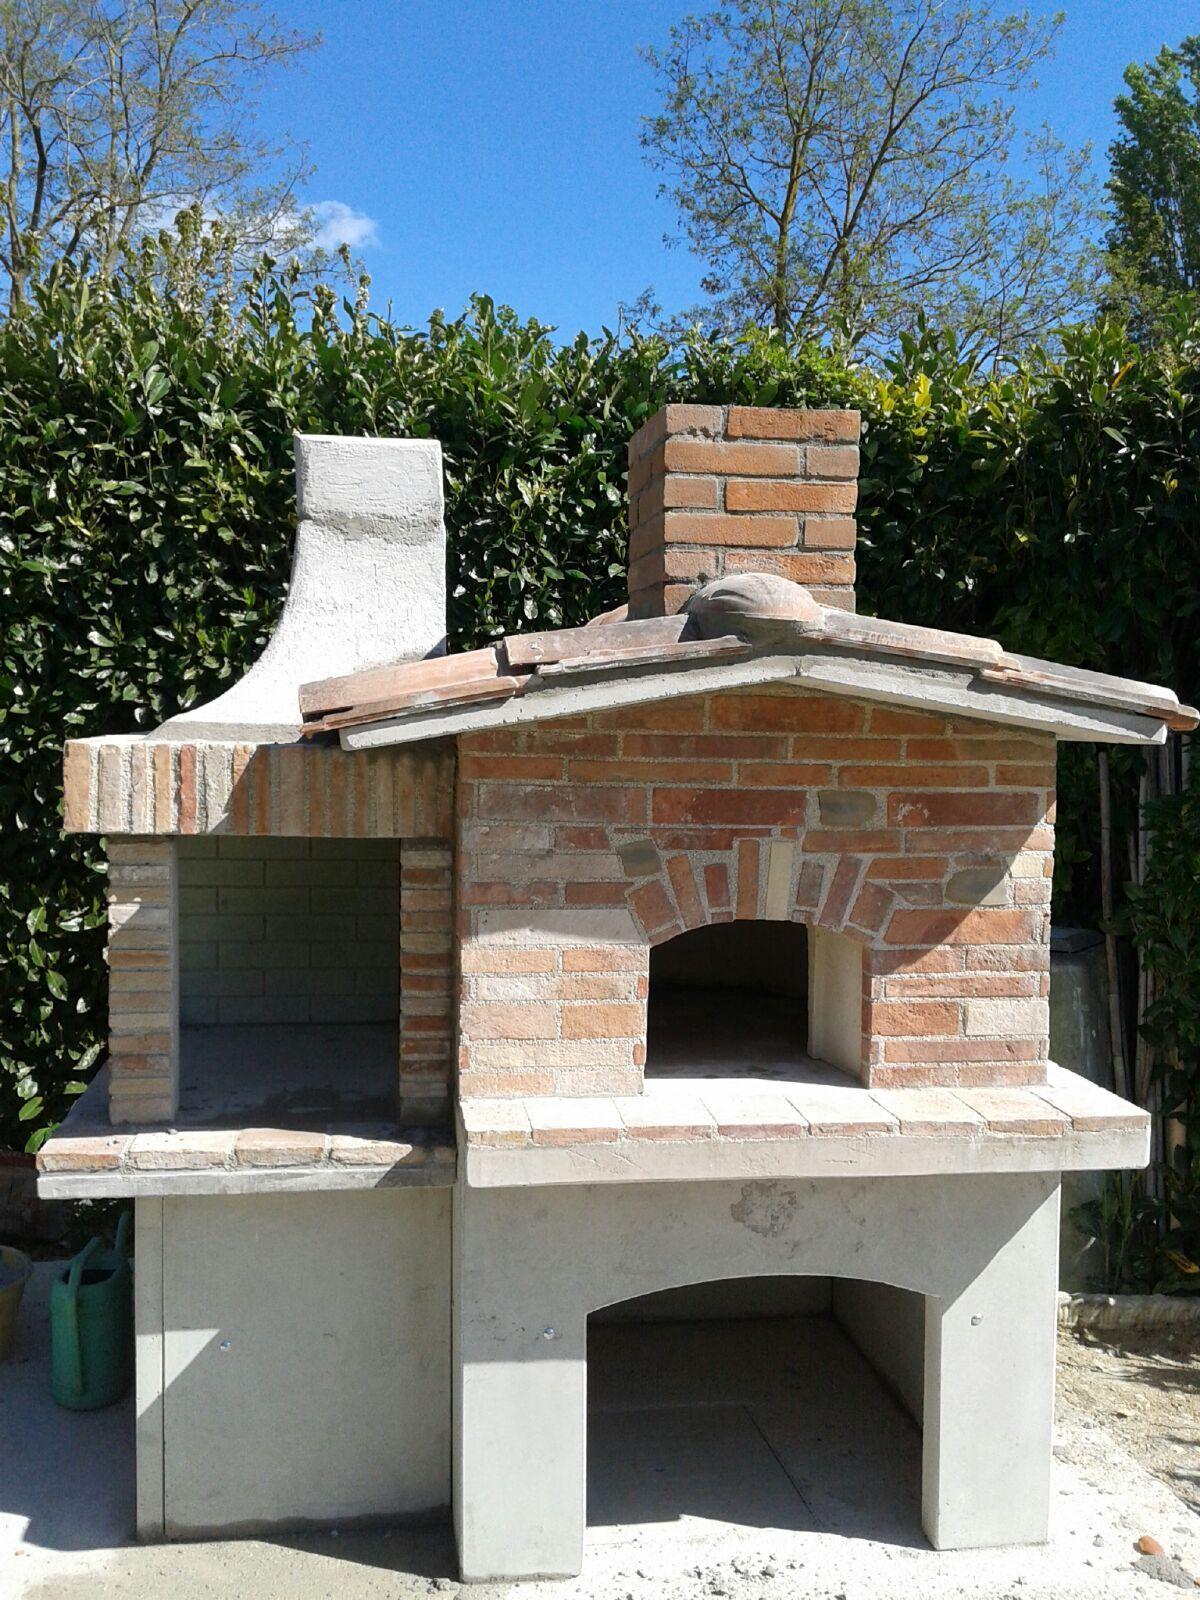 Forno con barbecue da esterno cb caminetti bellucci - Forno barbecue muratura esterno ...